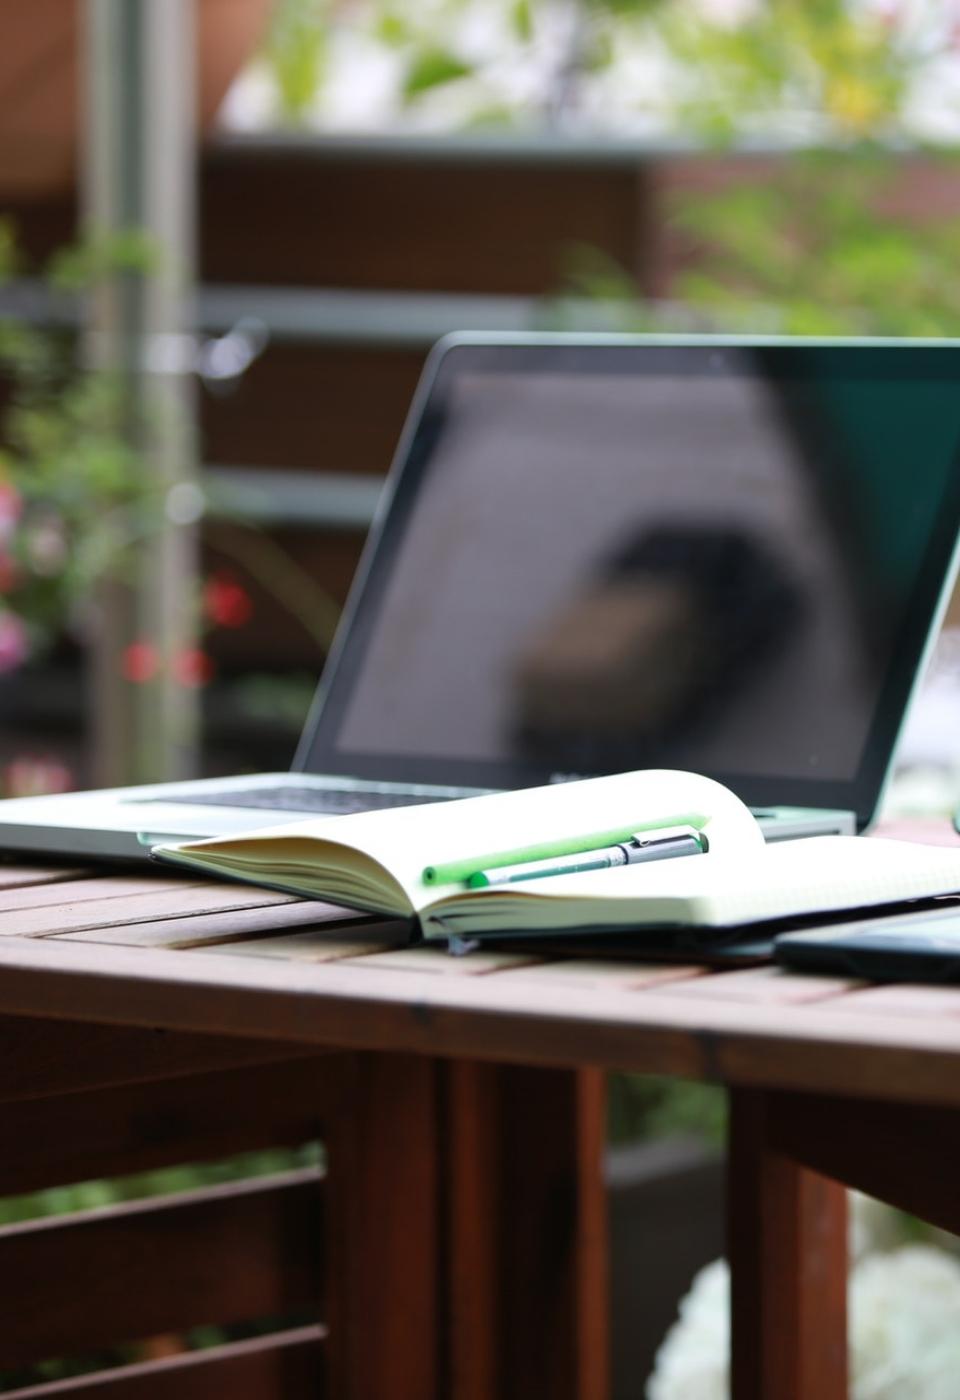 cup-desk-digital-nomad-221011@2x